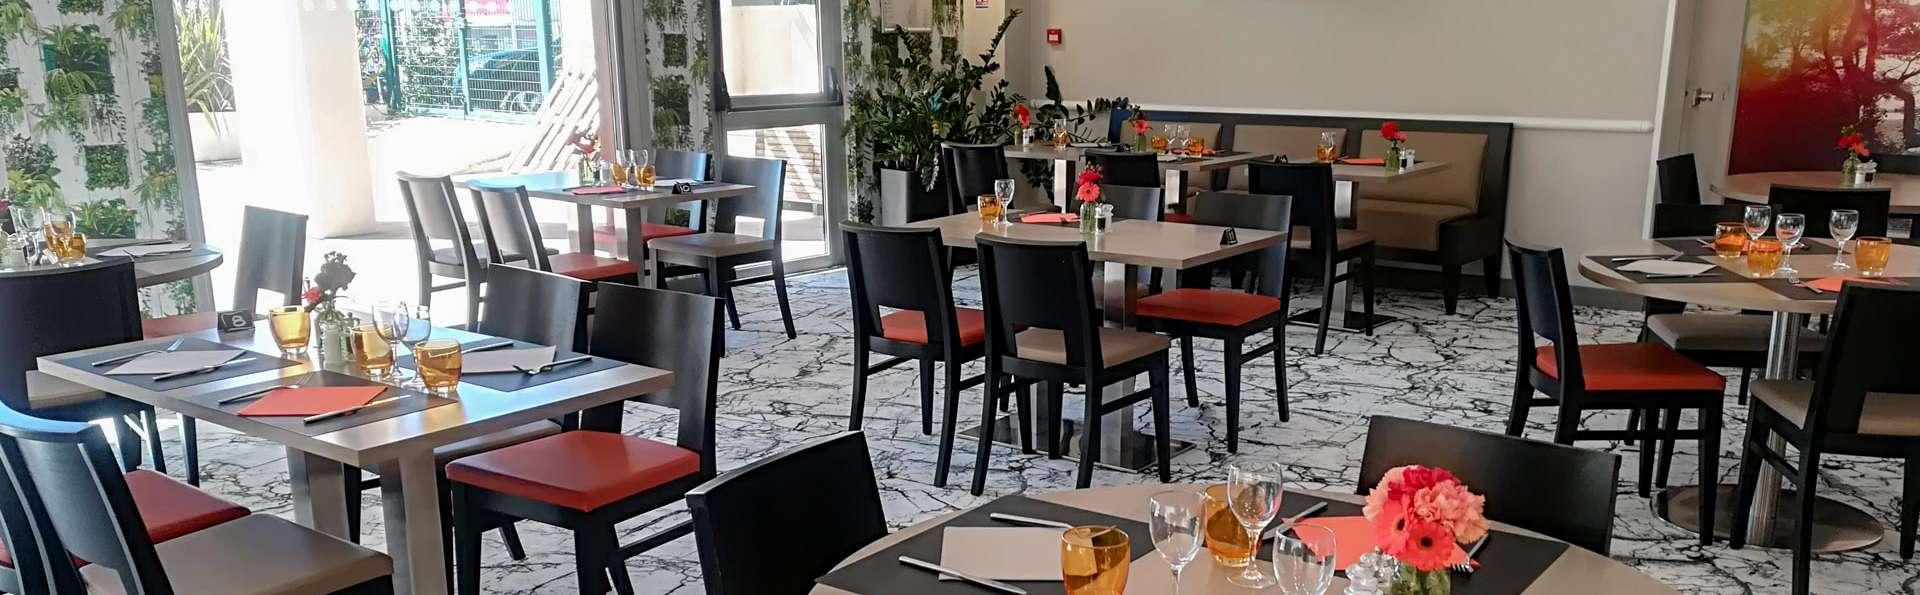 Pause culinaire à Toulon